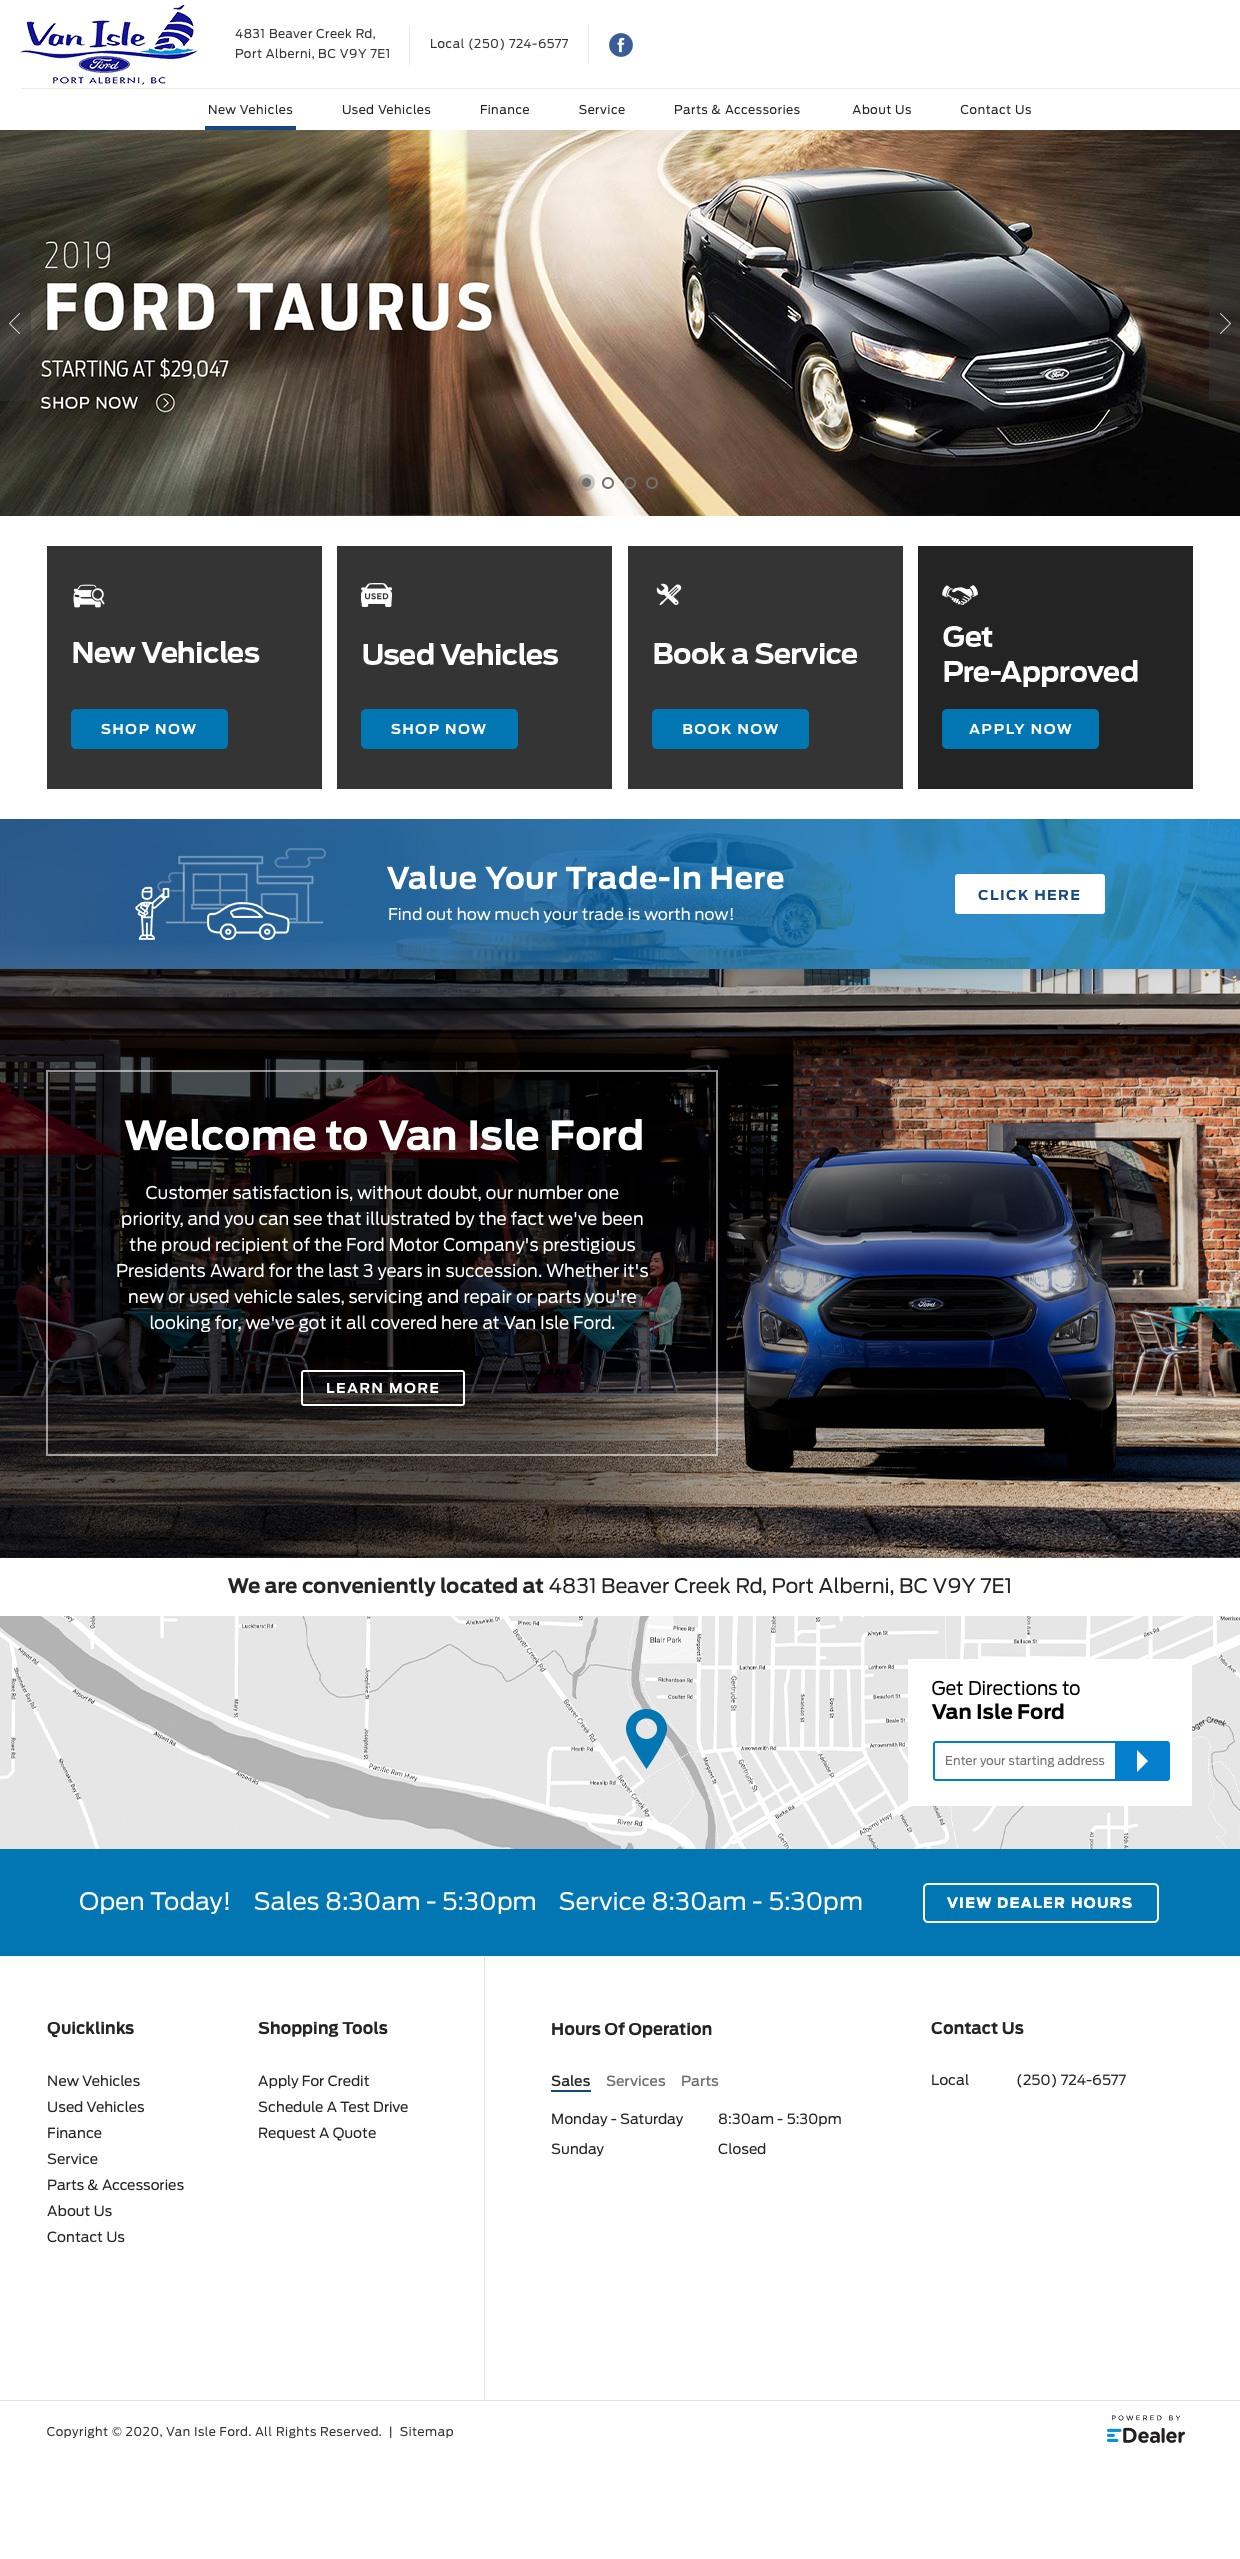 Van Isle Ford